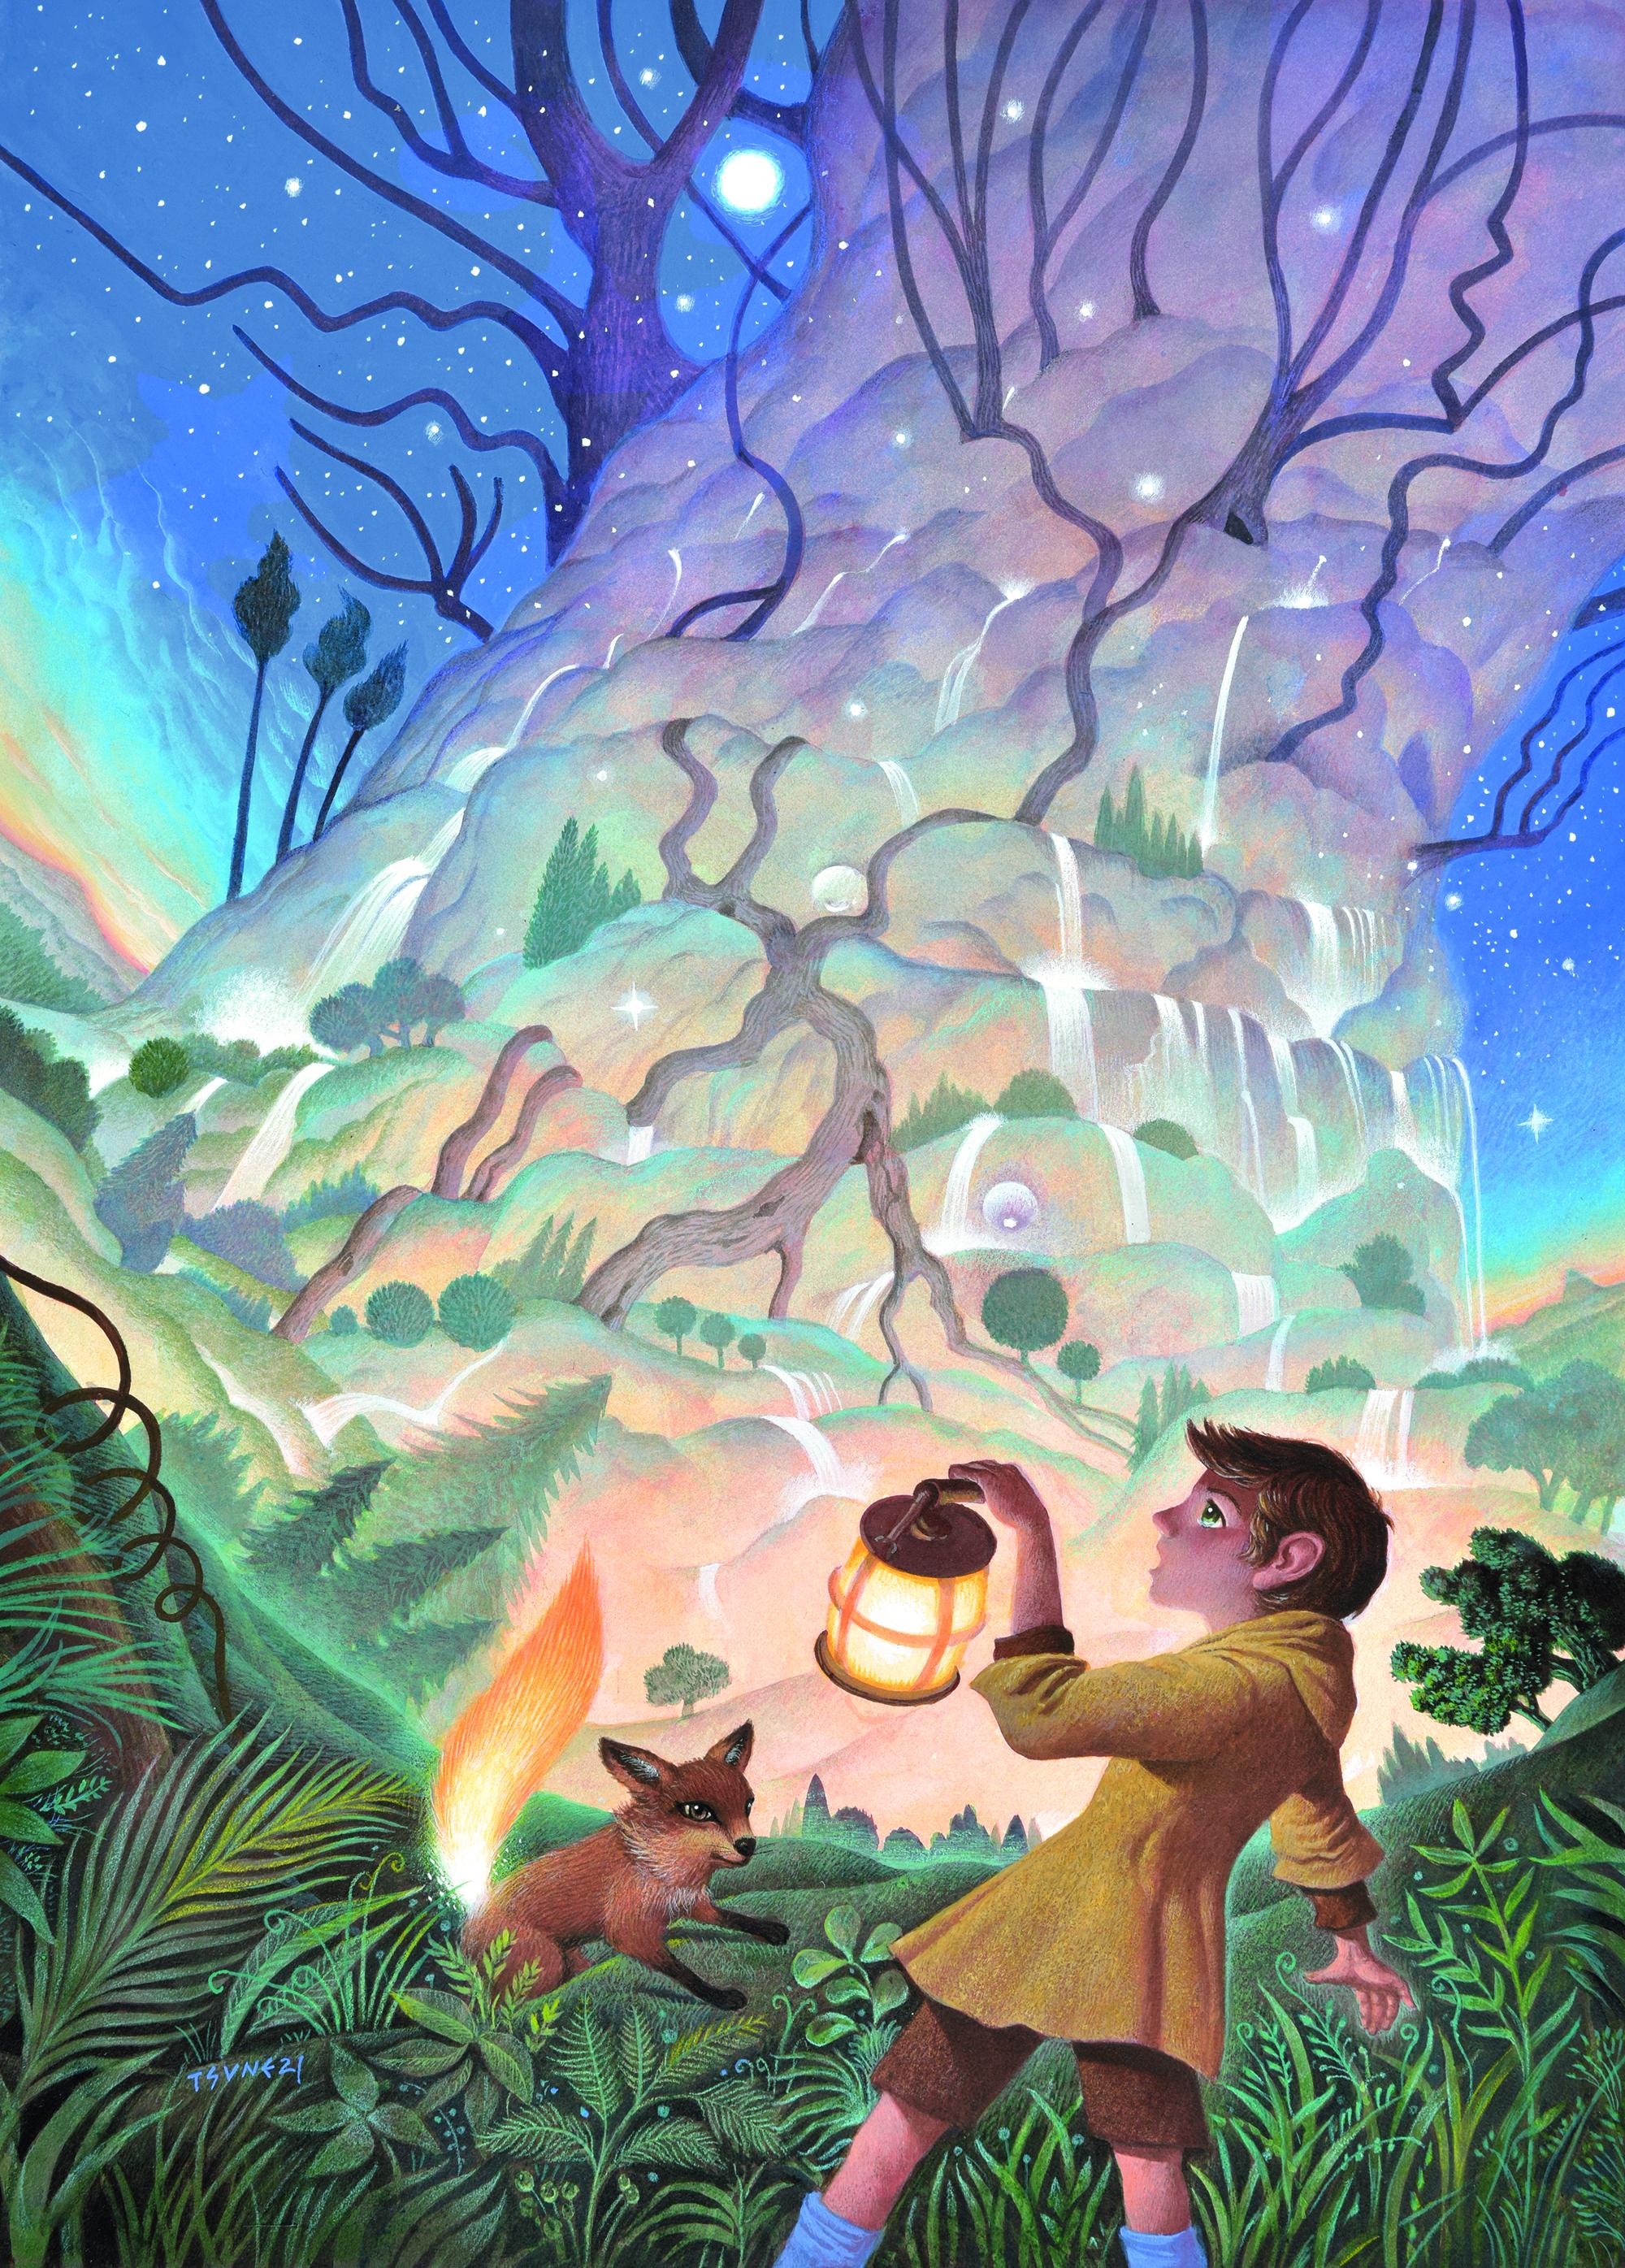 【9/12(日)先行発売】劇団四季・新作ファミリーミュージカル「はじまりの樹の神話-こそあどの森の物語-」